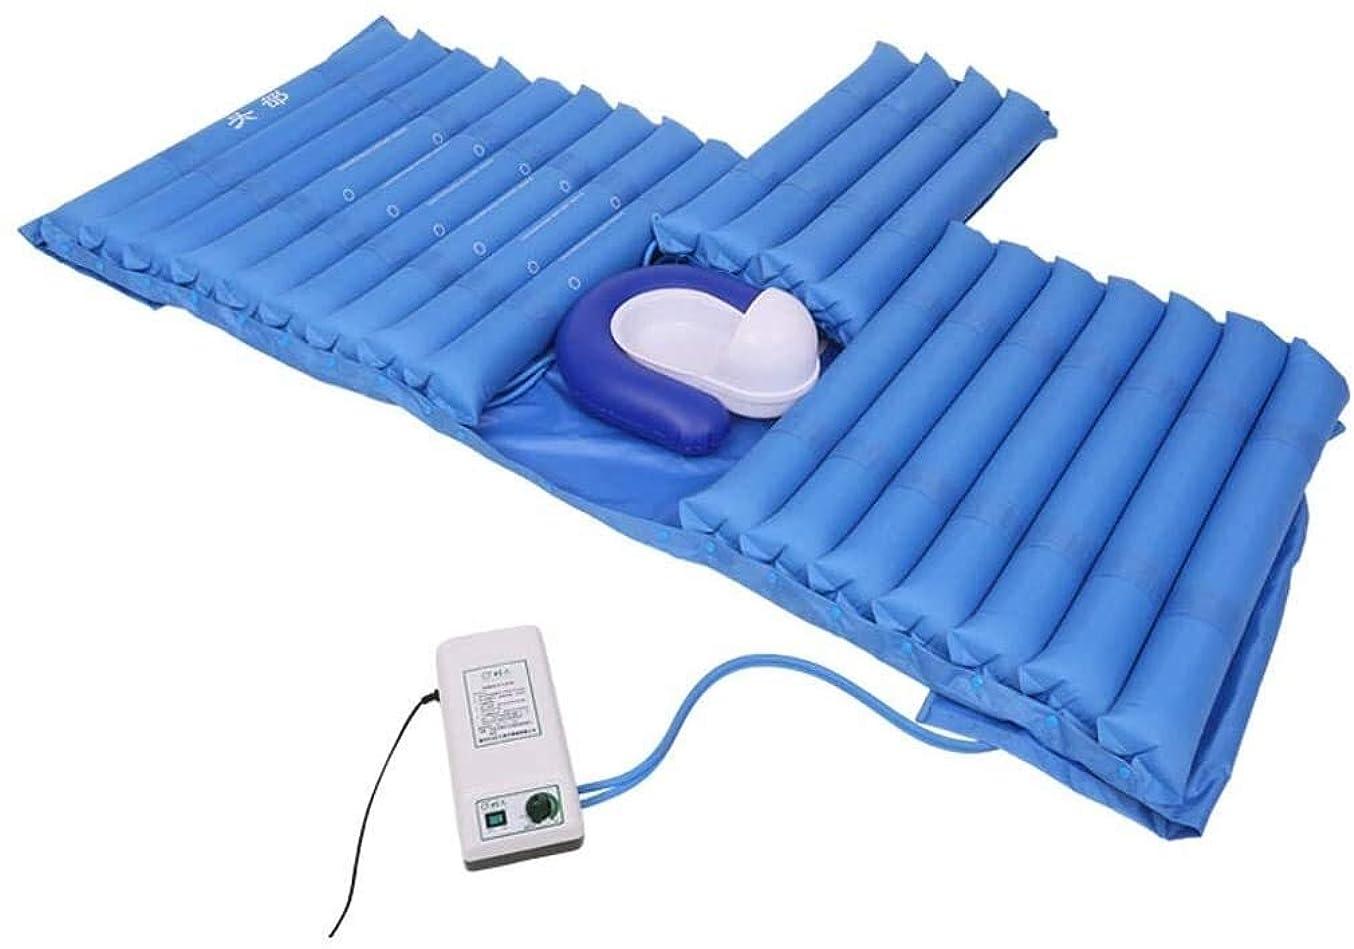 禁止温度計読むアンチ褥瘡エアマットレス、床ずれ、潰瘍予防、インフレータブル用エアトッパーパッドは、病院のベッドに適合 - 電動ポンプシステムとトイレが含まれてい (Size : Toilet Hole+Sleep+Bedpan)